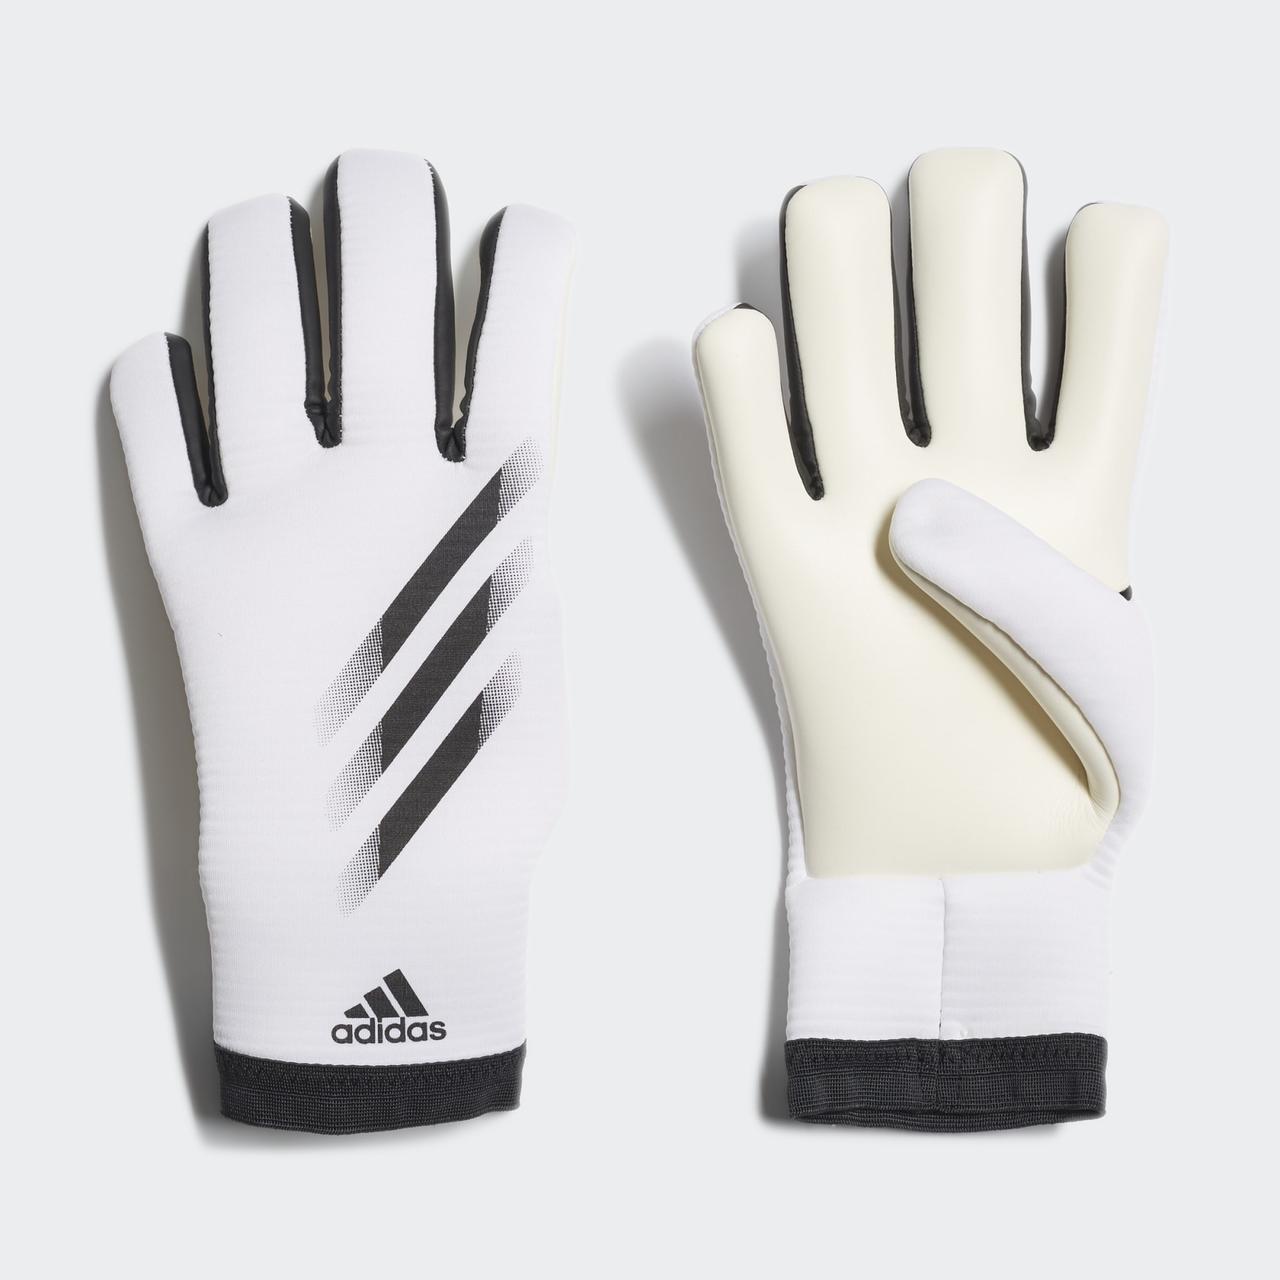 Детские вратарские перчатки adidas X GL TRN J. Оригинал. 6 junior.